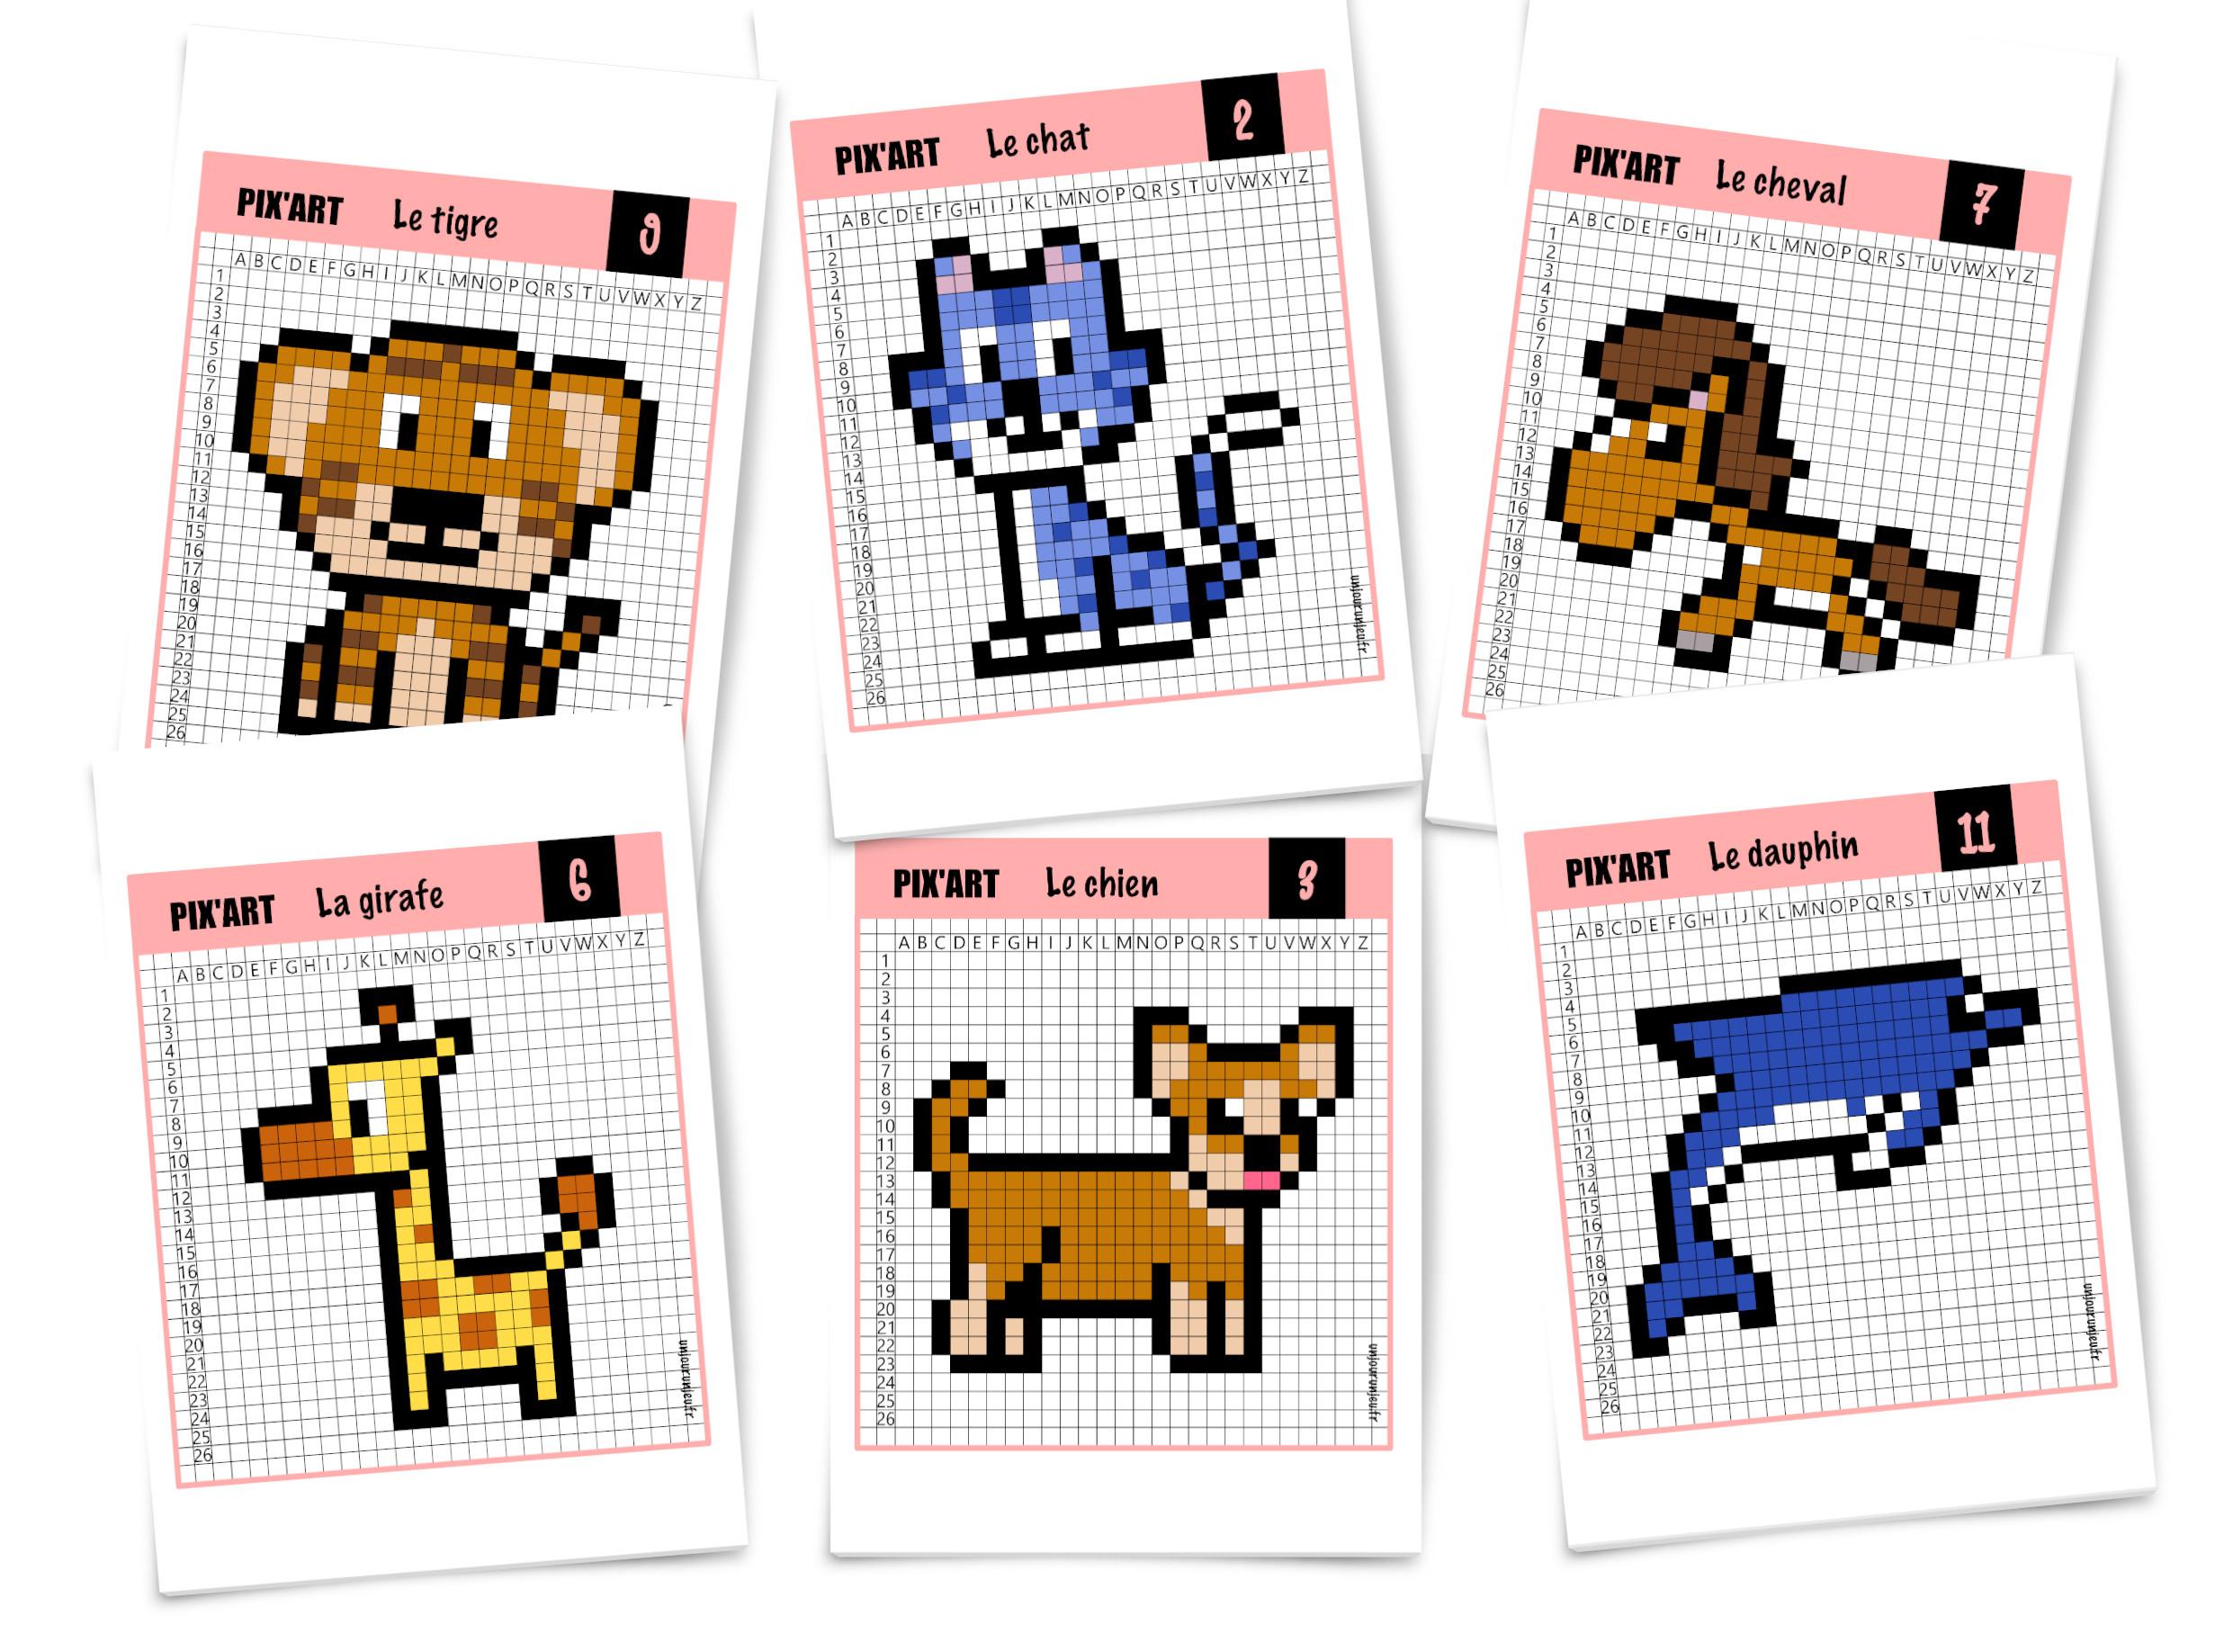 Pixel Art Animaux : 12 Modèles À Télécharger Gratuitement encequiconcerne Jeux De Fille Gratuit Animaux